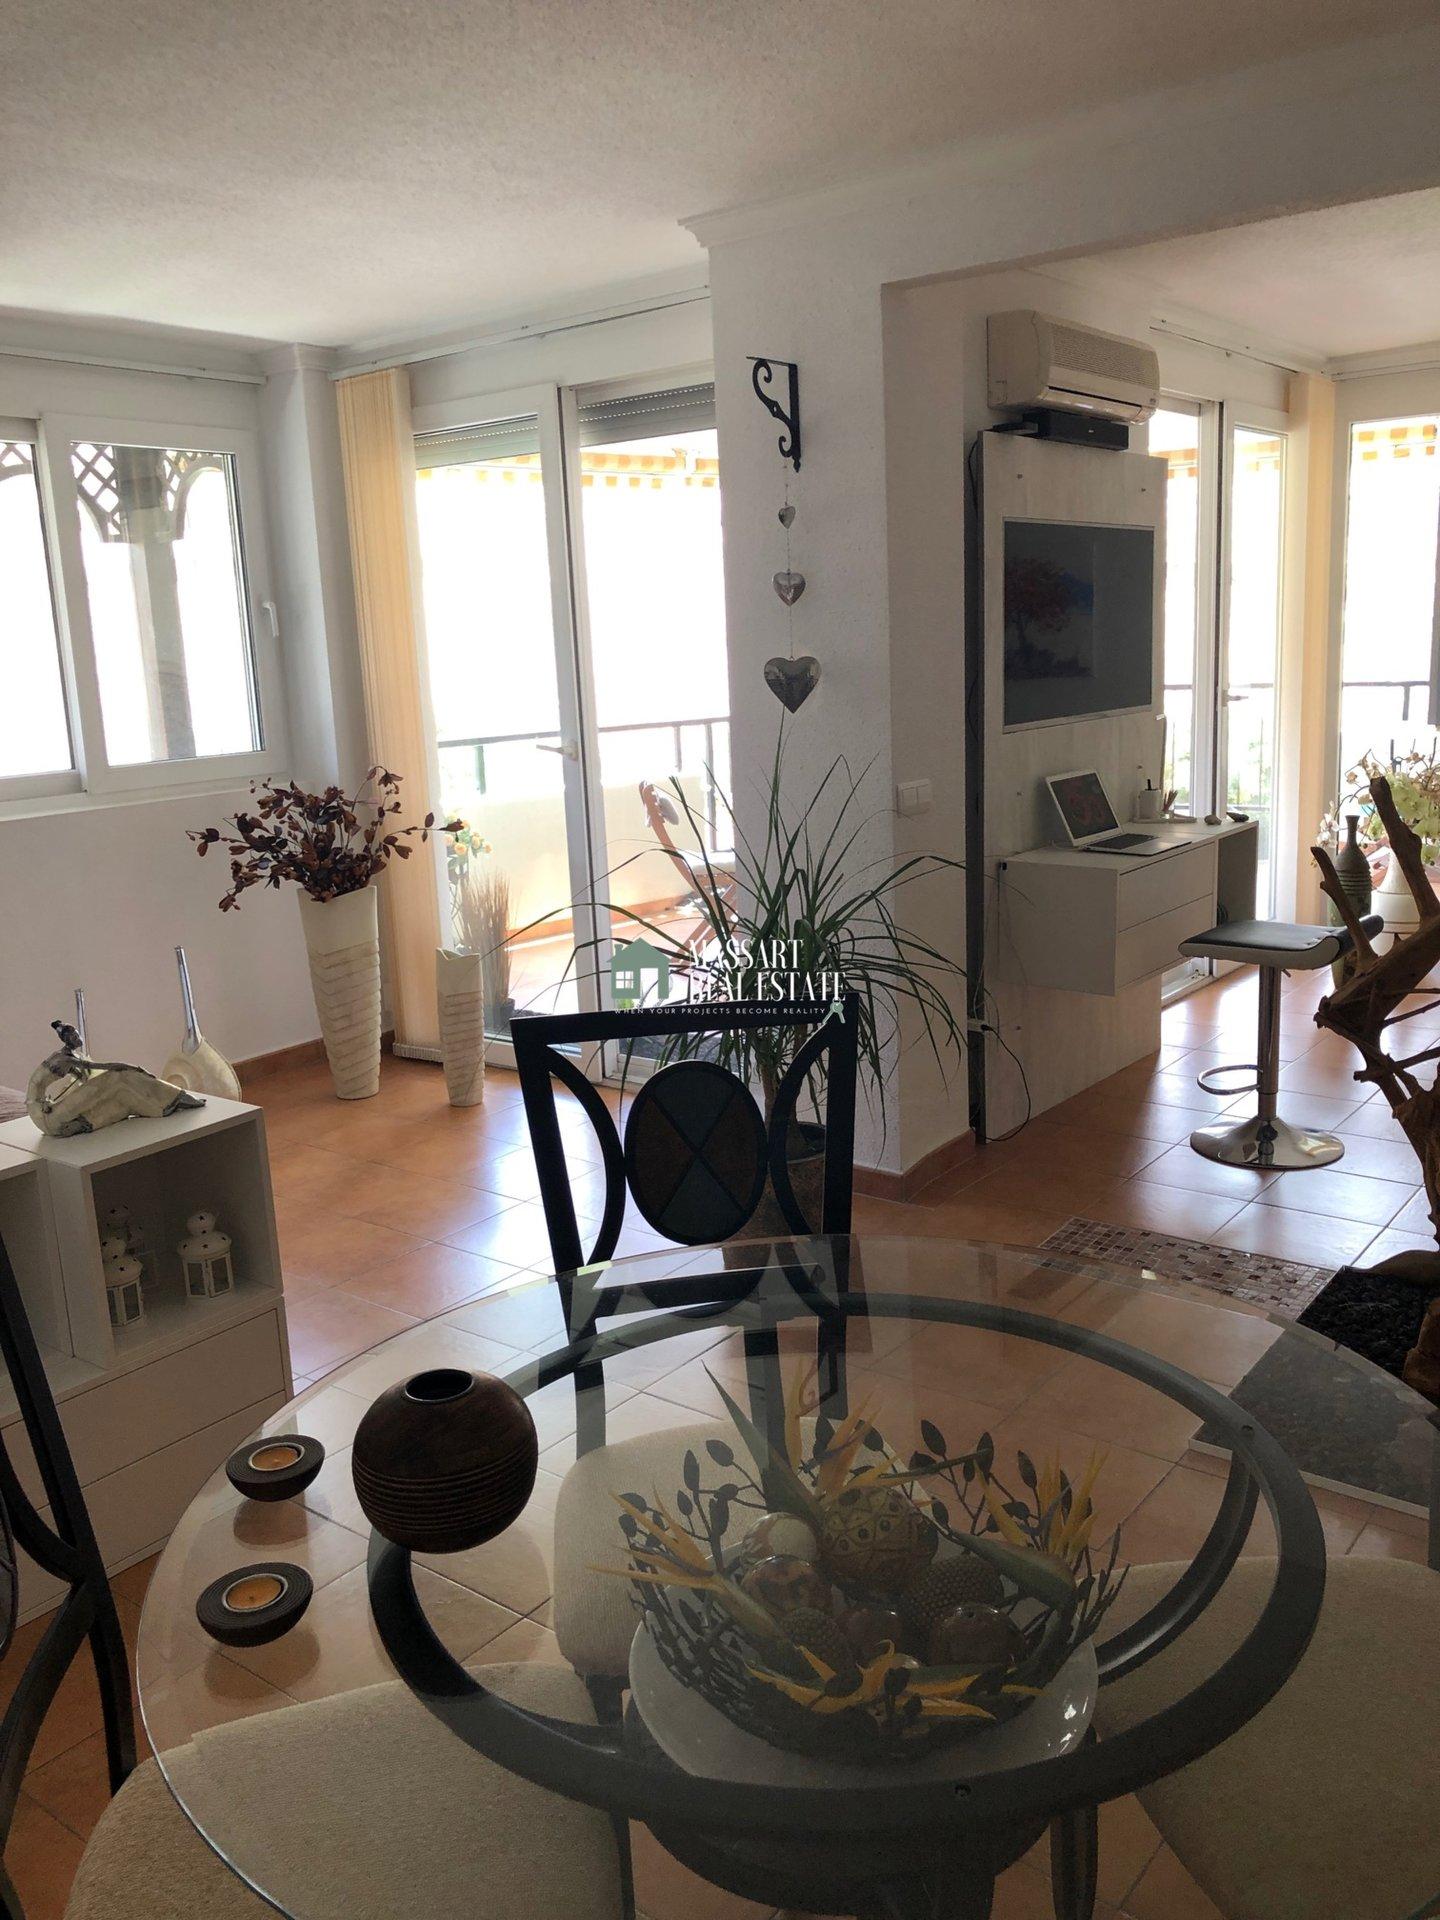 Loft-Wohnung von ca. 90 m2 in Los Cristianos, in der Wohnanlage El Rincón… nur wenige Meter vom Meer entfernt!